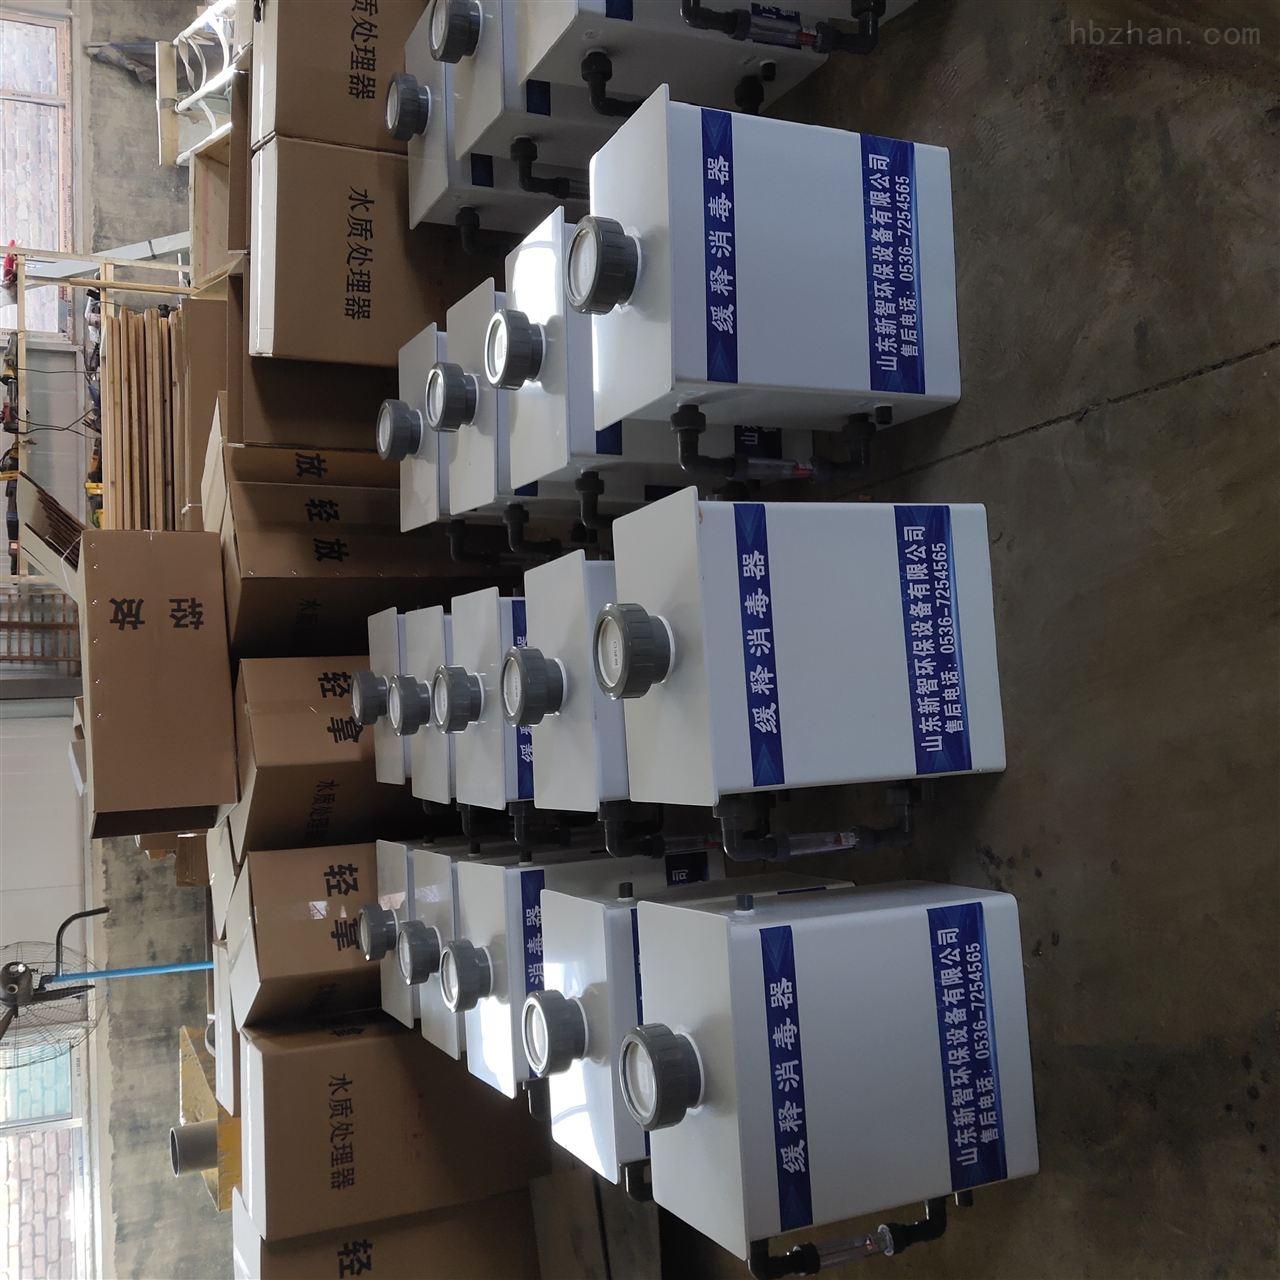 吉安牙科污水处理设备采购